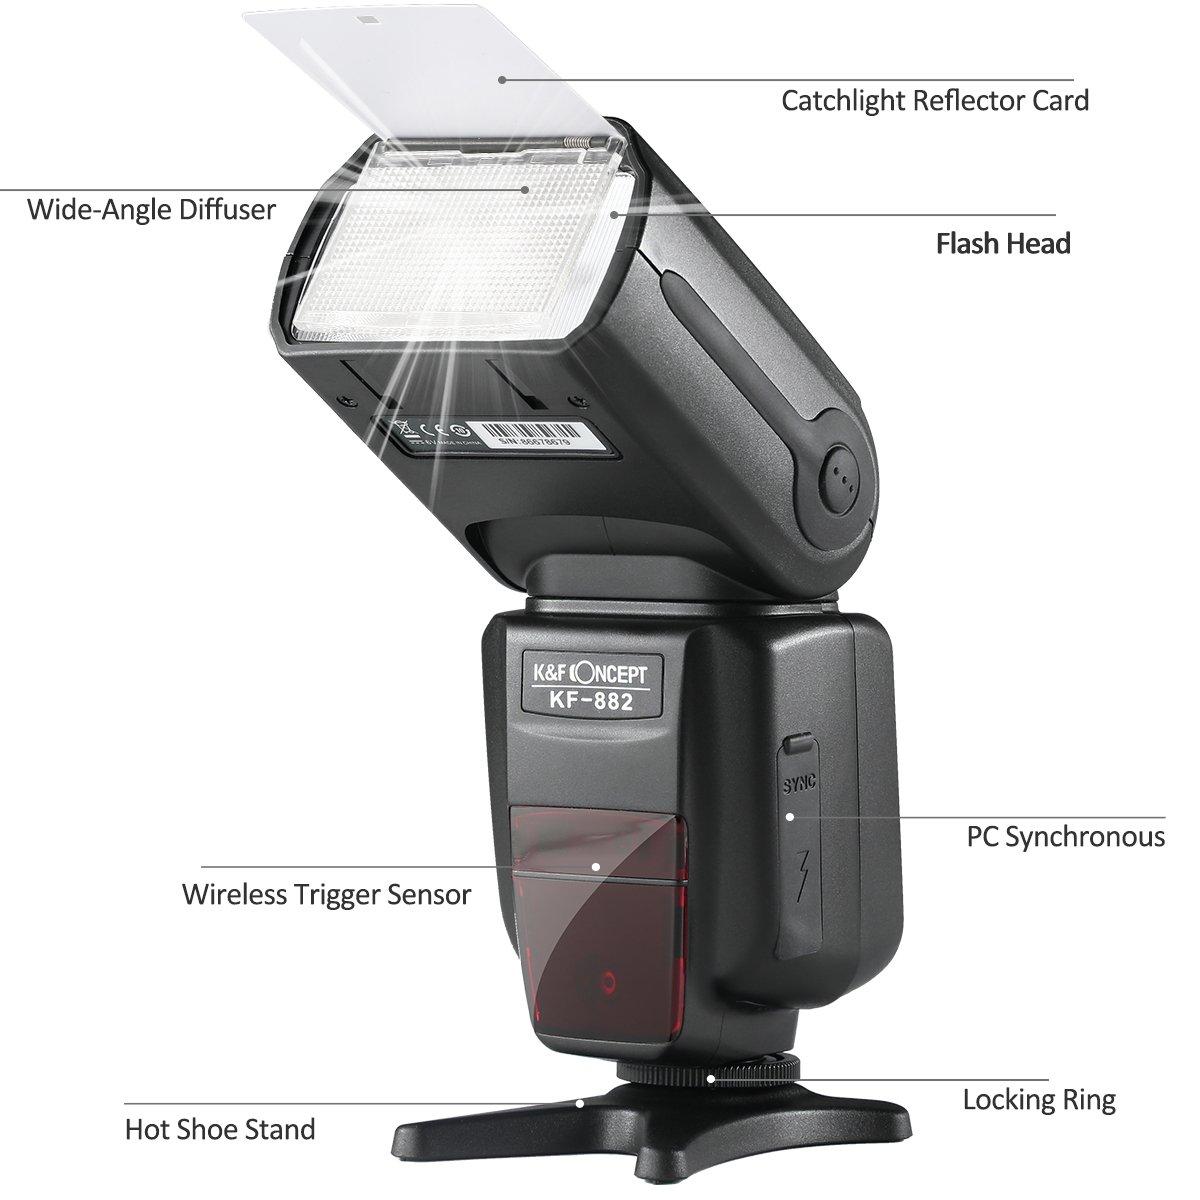 K&F Concept KF-882 Speedlite Flash para Cámara DSLR Canon Compatible con E-TTL, Sincronización de Alta Velocidad, Maestro y Slave Inlámbrico Modo de Flash M ...